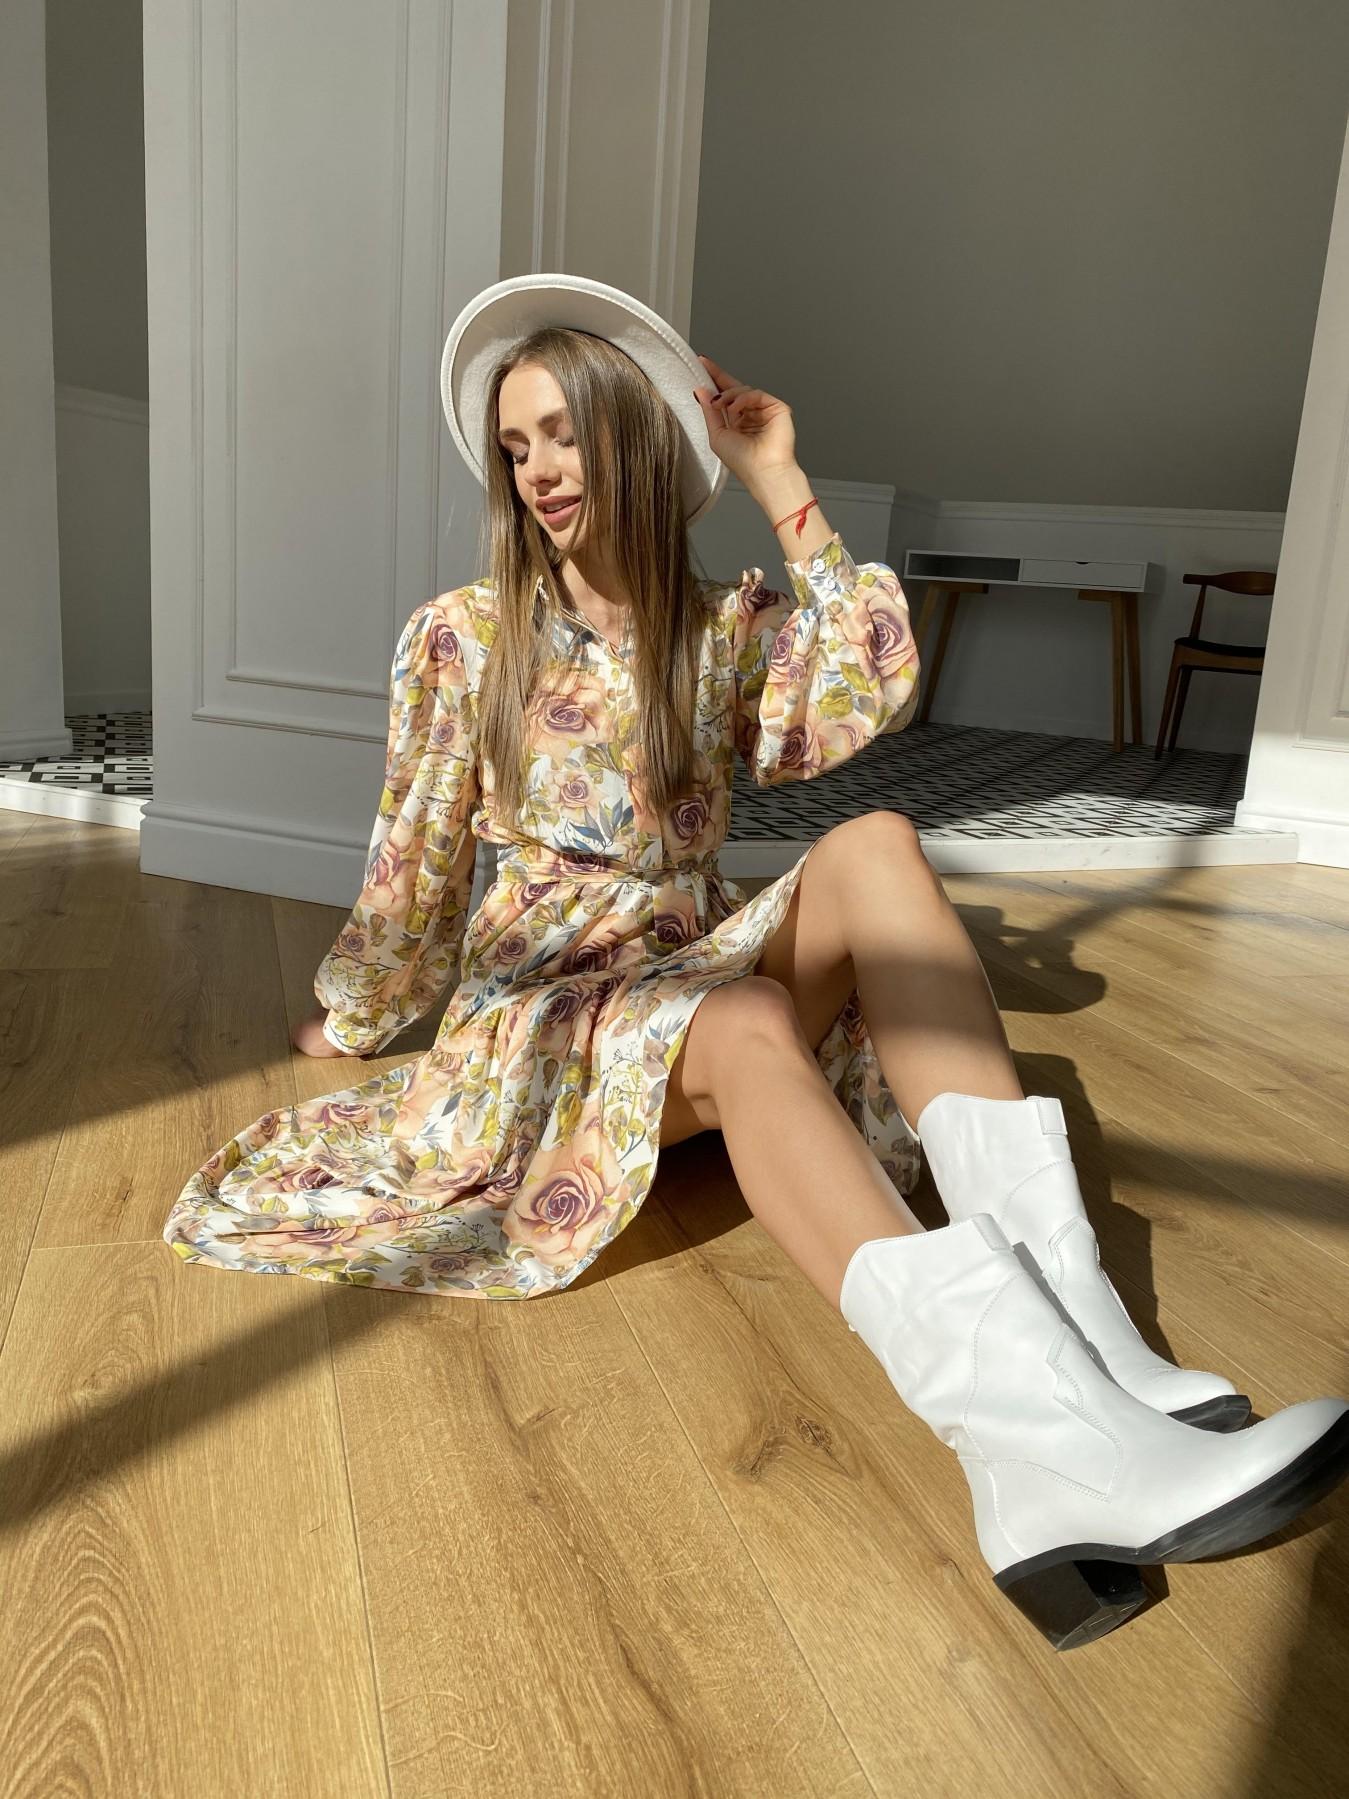 Лилия платье  софт принт бистрейч 11171 АРТ. 47666 Цвет: КрупРозаМолок/Персик - фото 2, интернет магазин tm-modus.ru